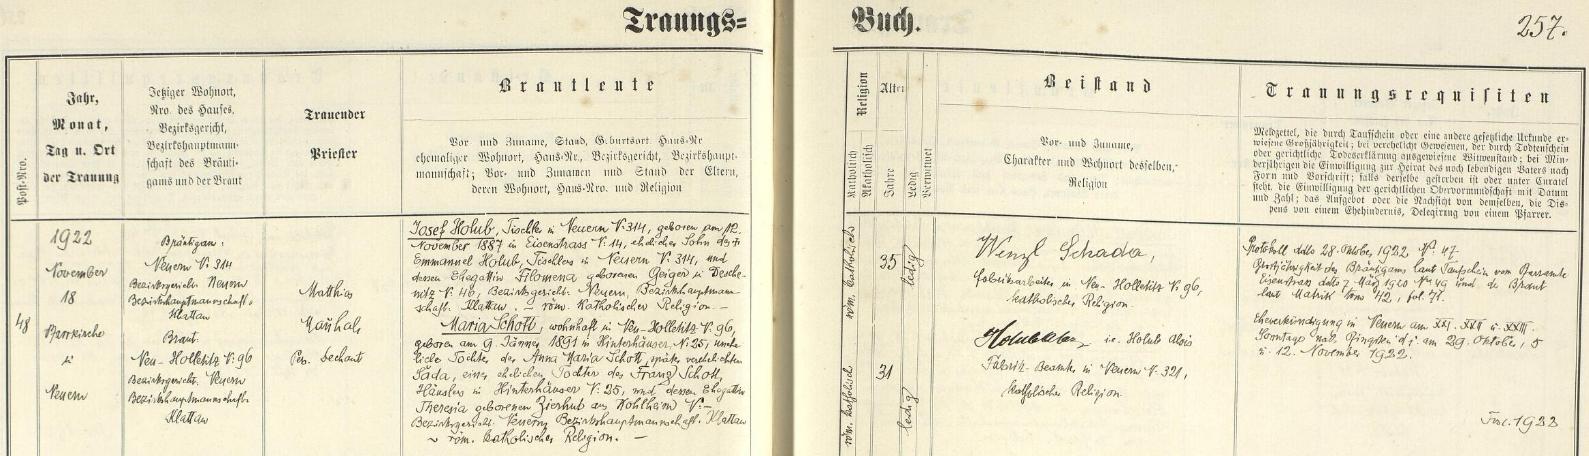 Záznam nýrské oddací matriky o zdejší svatbě jeho rodičů dne 18. listopadu roku 1922 - pětatřicetiletý ženich Josef Holub (*12. listopadu 1887 v Hojsově Stráži /Eisenstrass/), truhlář v Nýrsku čp. 314, byl synem truhláře na téže adrese Emmanuela Holuba a Filomeny, roz. Geigerové z Dešenic čp. 46, jednatřicetiletá nevěsta Maria (*9. ledna 1891 v Zadních Chalupách /Hinterhäuser/ čp. 25) byla nemanželskou dcerou Anny Marie Schottové, později provdané Šadové (Wenzl Schada z Hodousic /Neu Holletitz/ je podepsán jako jeden ze svědků), manželské dcery Franze Schotta, domkáře ze Zadních Chalup čp. 25 a Theresie, roz. Zierhutové z Uhliště (Kohlheim)